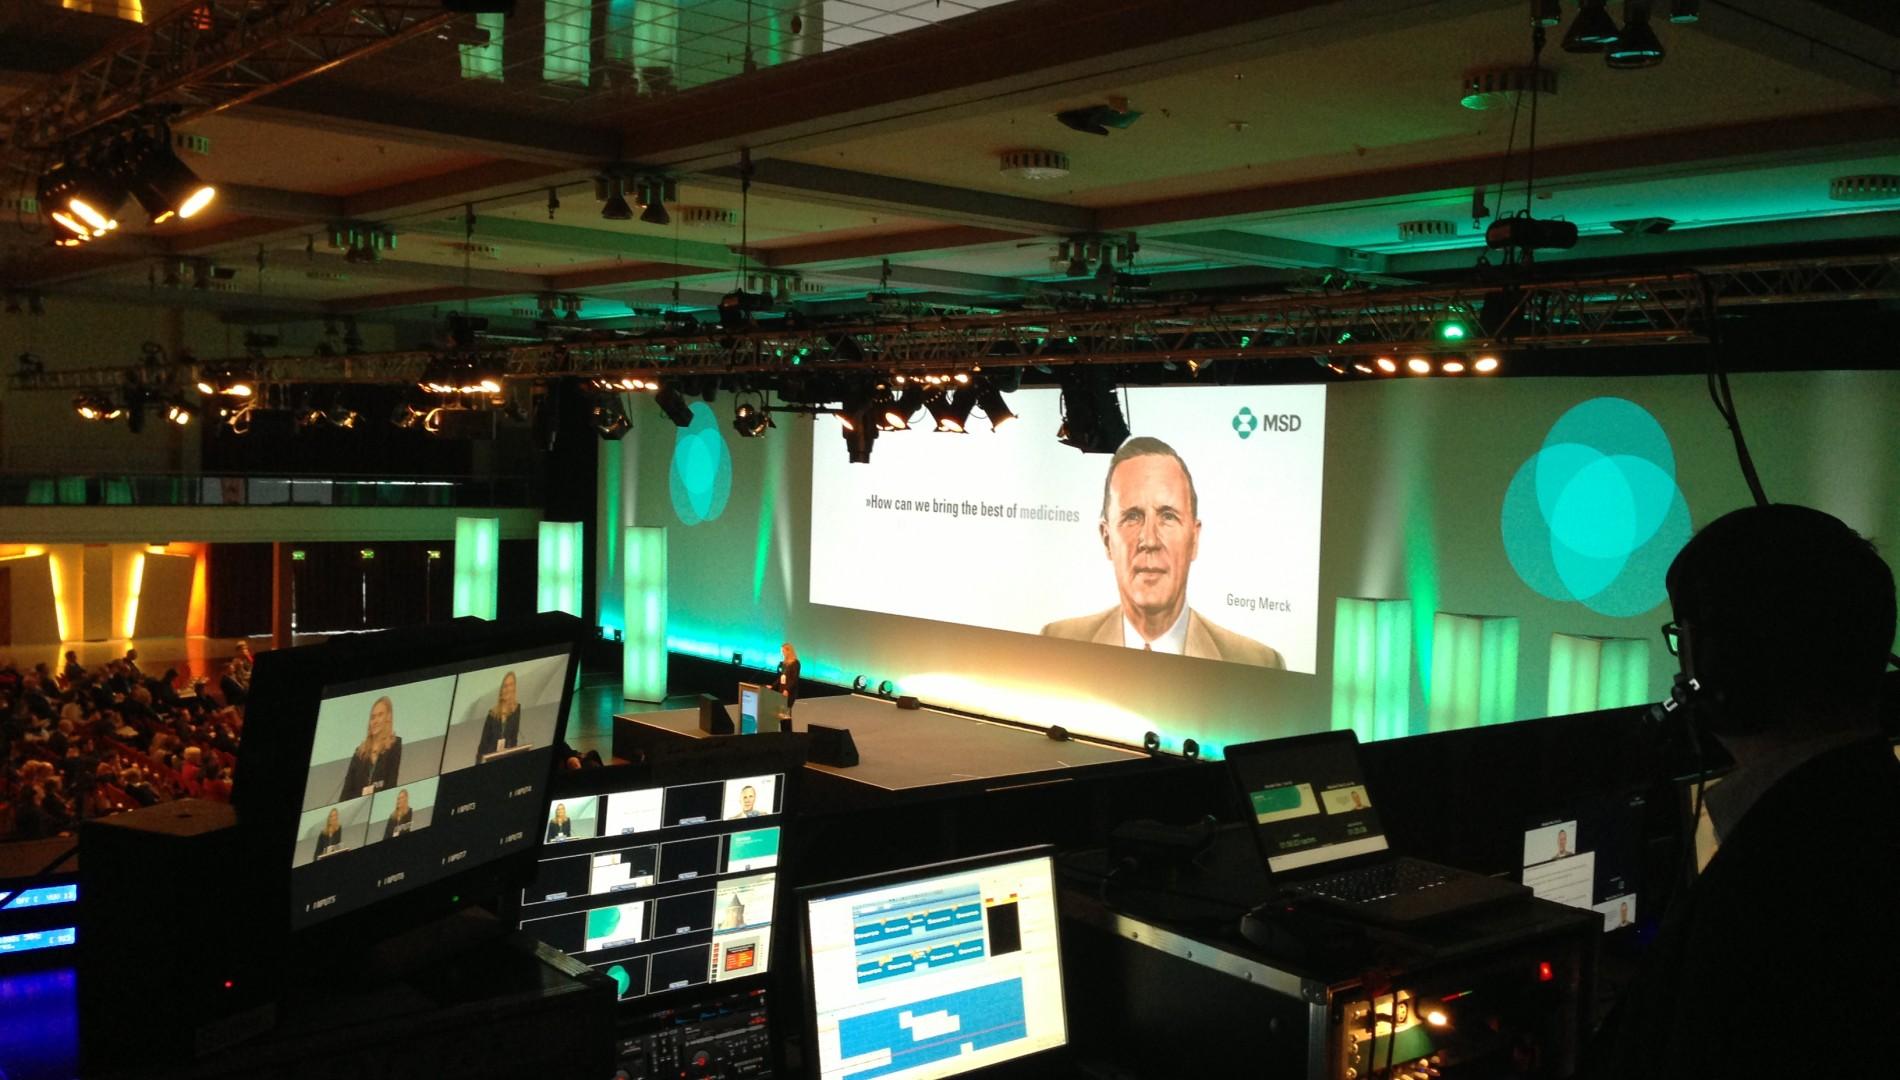 Keynotepresentation für die MSD Sharp & Dohme GmbH von der Designagentur das formt aus München